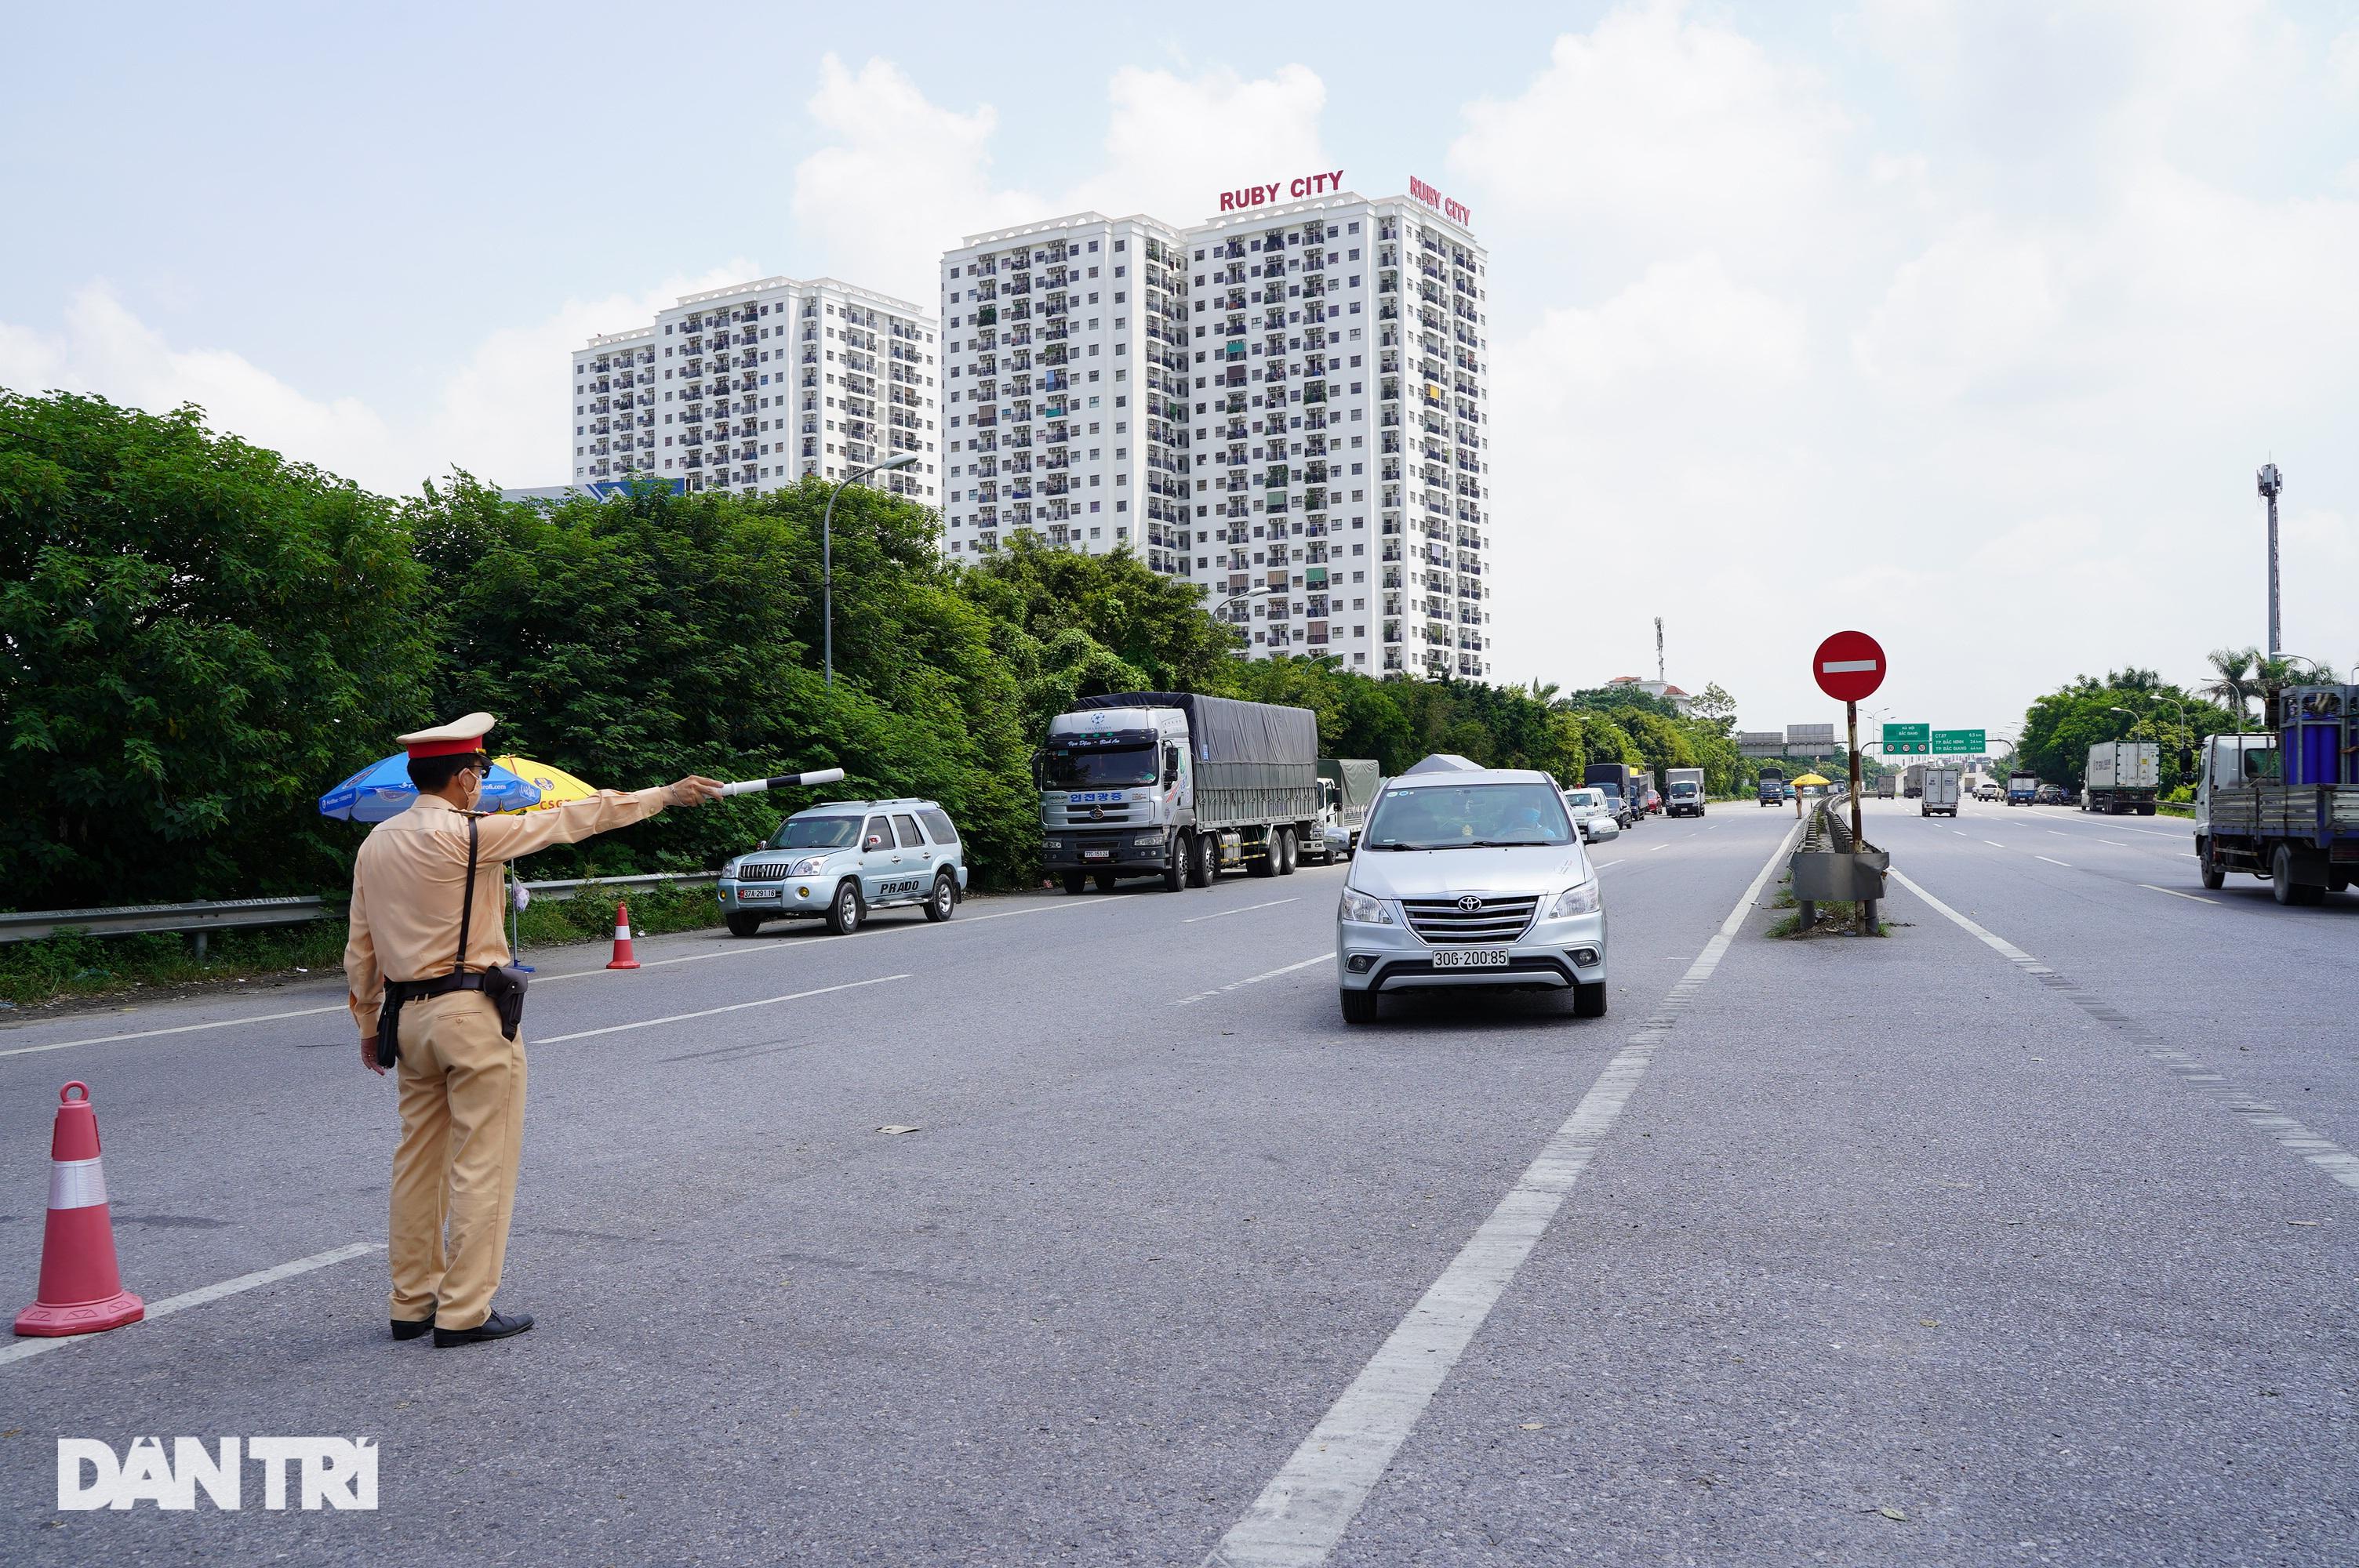 Tài xế bức xúc việc trả phí cao tốc khi phải quay xe không được vào Hà Nội - 8